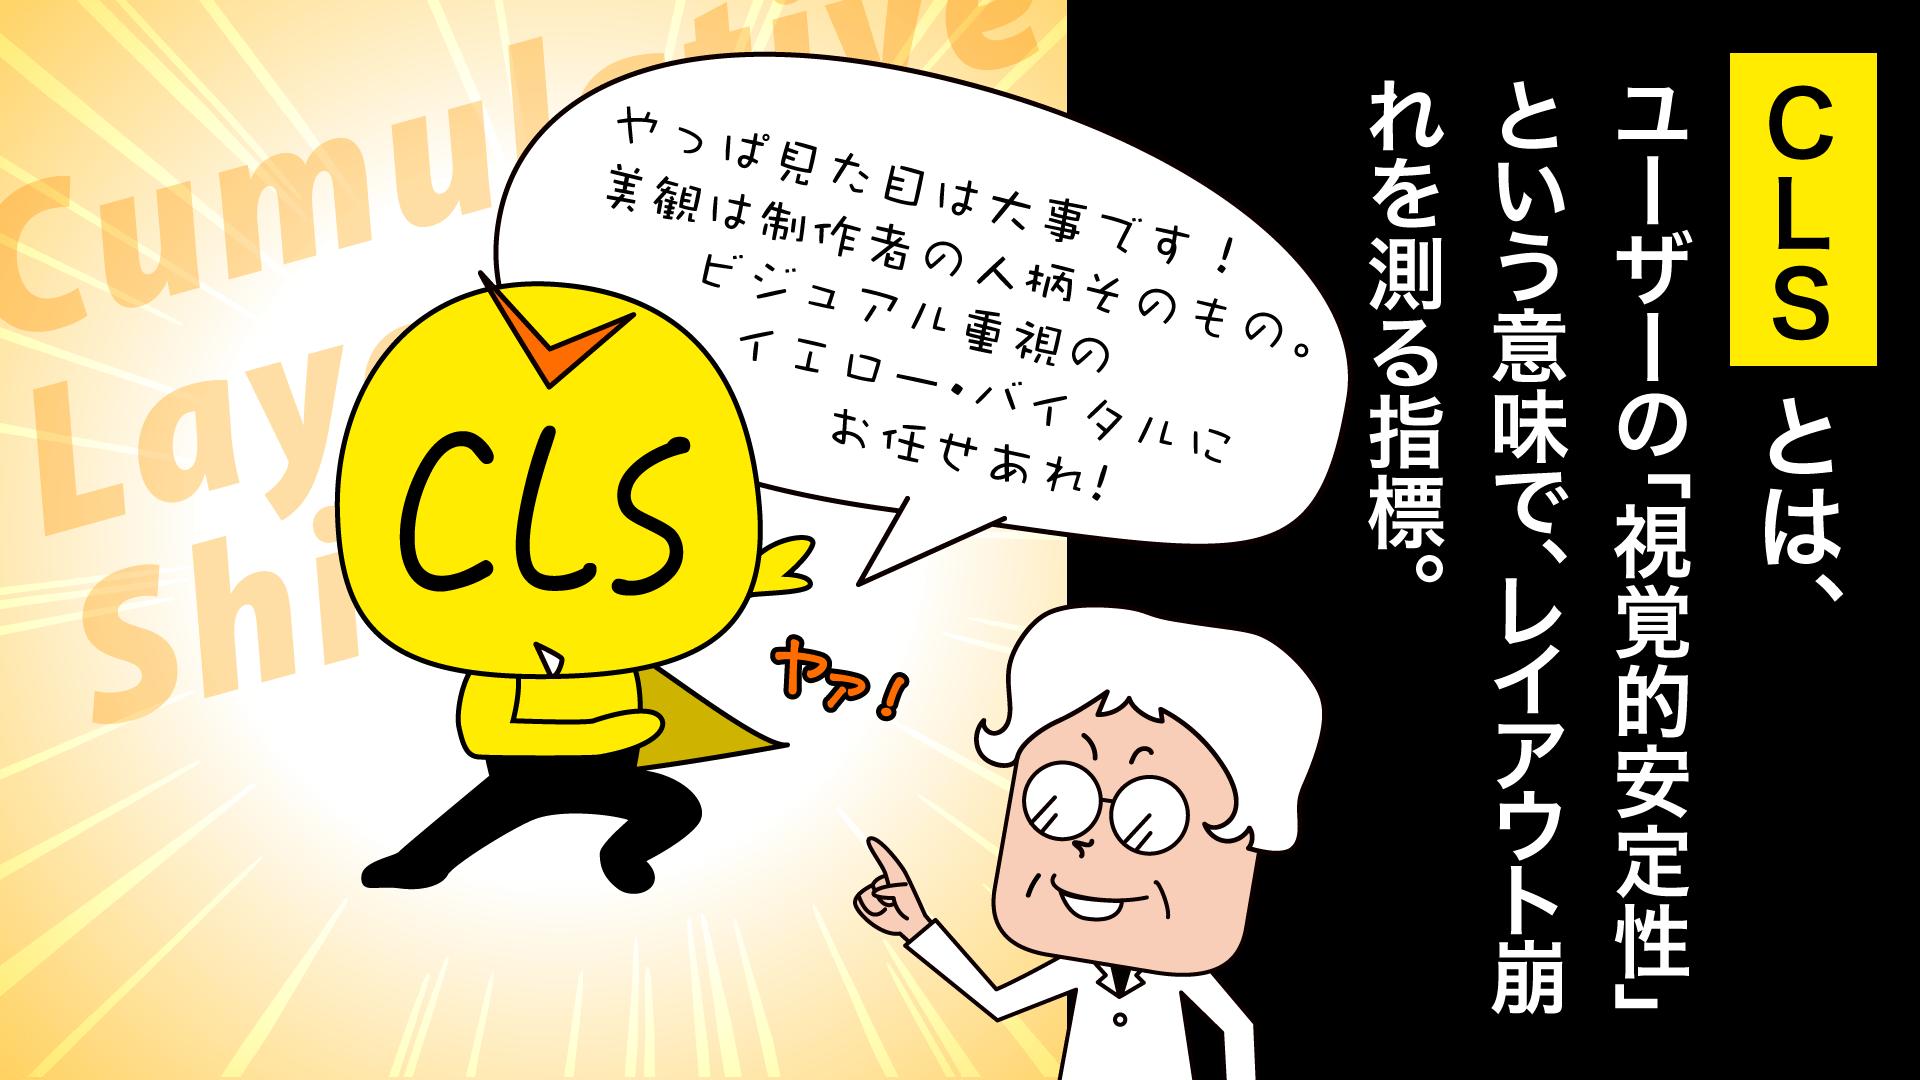 コアウェブバイタル⑤‐漫画SEO用語集⑧